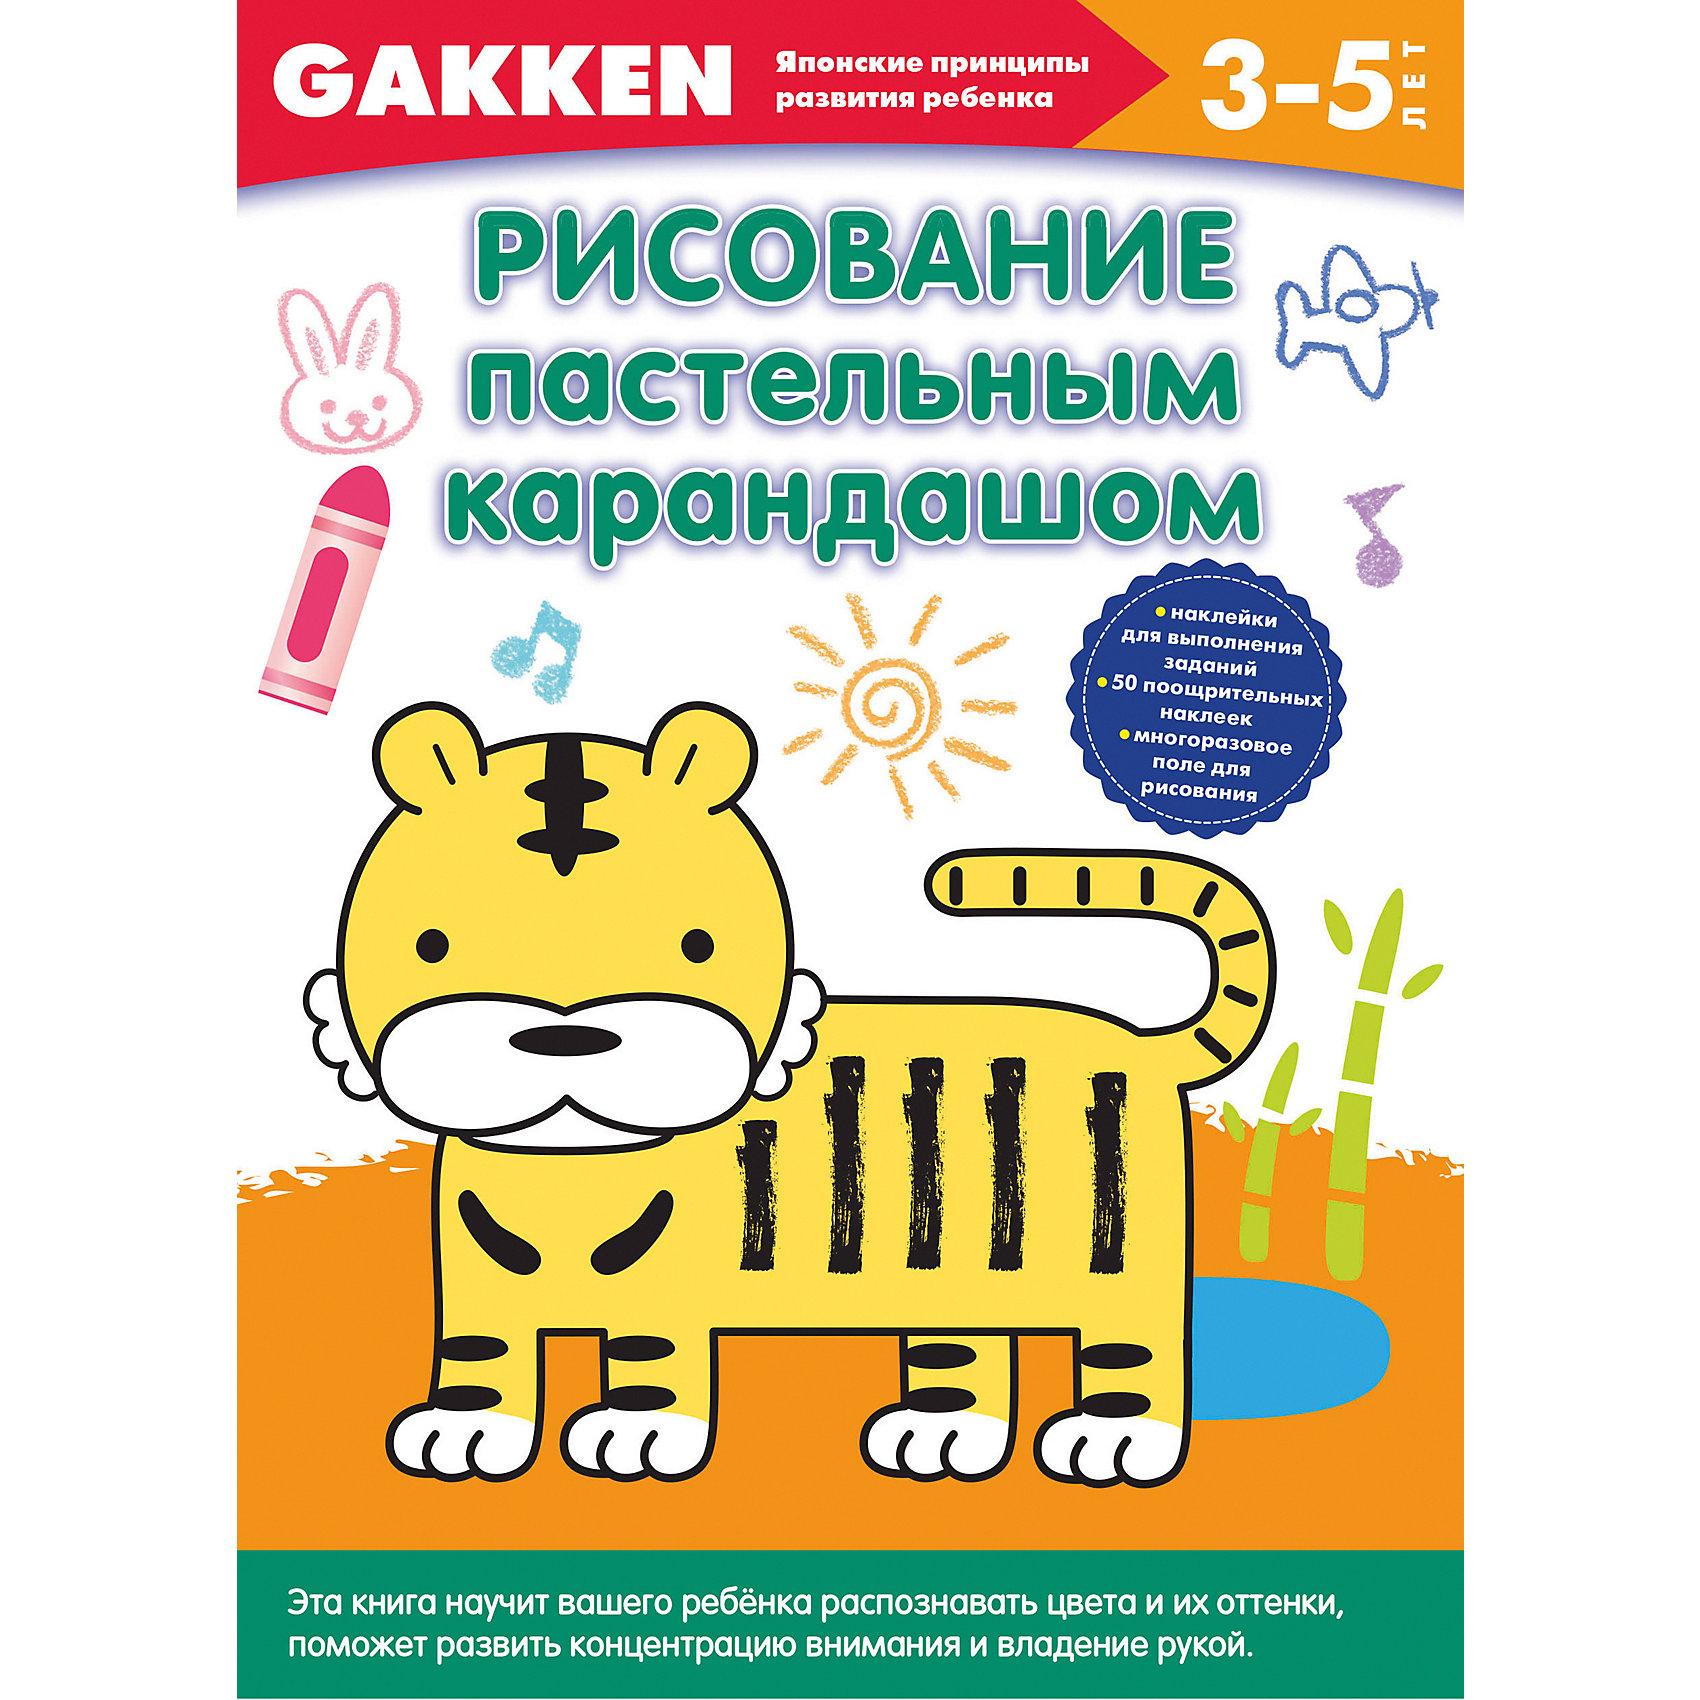 Gakken. 3+ Рисование пастельным карандашомОдно из крупнейших японских издательств GAKKEN 30 лет назад разработало серию рабочих тетрадей, которую мы и представляем вашему вниманию. Эти тетради, в основе которых лежат методические разработки профессора психологии Акиры Таго, помогут родителям оценить способности и развить таланты своего малыша. Занимаясь по рабочей тетради GAKKEN «3+ Рисование пастельным карандашом», вы через некоторое время сами убедитесь в том, что без нервотрепки и утомительных скучных занятий  ваш ребенок может:<br>•назвать основные цвета и даже различать их оттенки;<br>•рисовать различные линии от простейших до довольно сложных;<br>•уверенно пользоваться пастельным карандашом и как следствие аккуратно раскрашивать рисунки, не заходя за контур;<br>•уверенно рисовать простые фигуры.<br>А ещё малыша ожидает специальная многоразовая страница для творческого рисования!<br><br>Дополнительная информация:<br><br>- год выпуска: 2015<br>- количество страниц:64<br>- формат: 29 *21 см.<br>- переплет: мягкий переплет<br>- вес: 278 гр.<br>- возраст: от  3  до 5 лет<br><br>Gakken. 3+ Рисование пастельным карандашом можно купить в нашем интернет - магазине.<br><br>Ширина мм: 290<br>Глубина мм: 210<br>Высота мм: 5<br>Вес г: 278<br>Возраст от месяцев: 36<br>Возраст до месяцев: 72<br>Пол: Унисекс<br>Возраст: Детский<br>SKU: 4753539